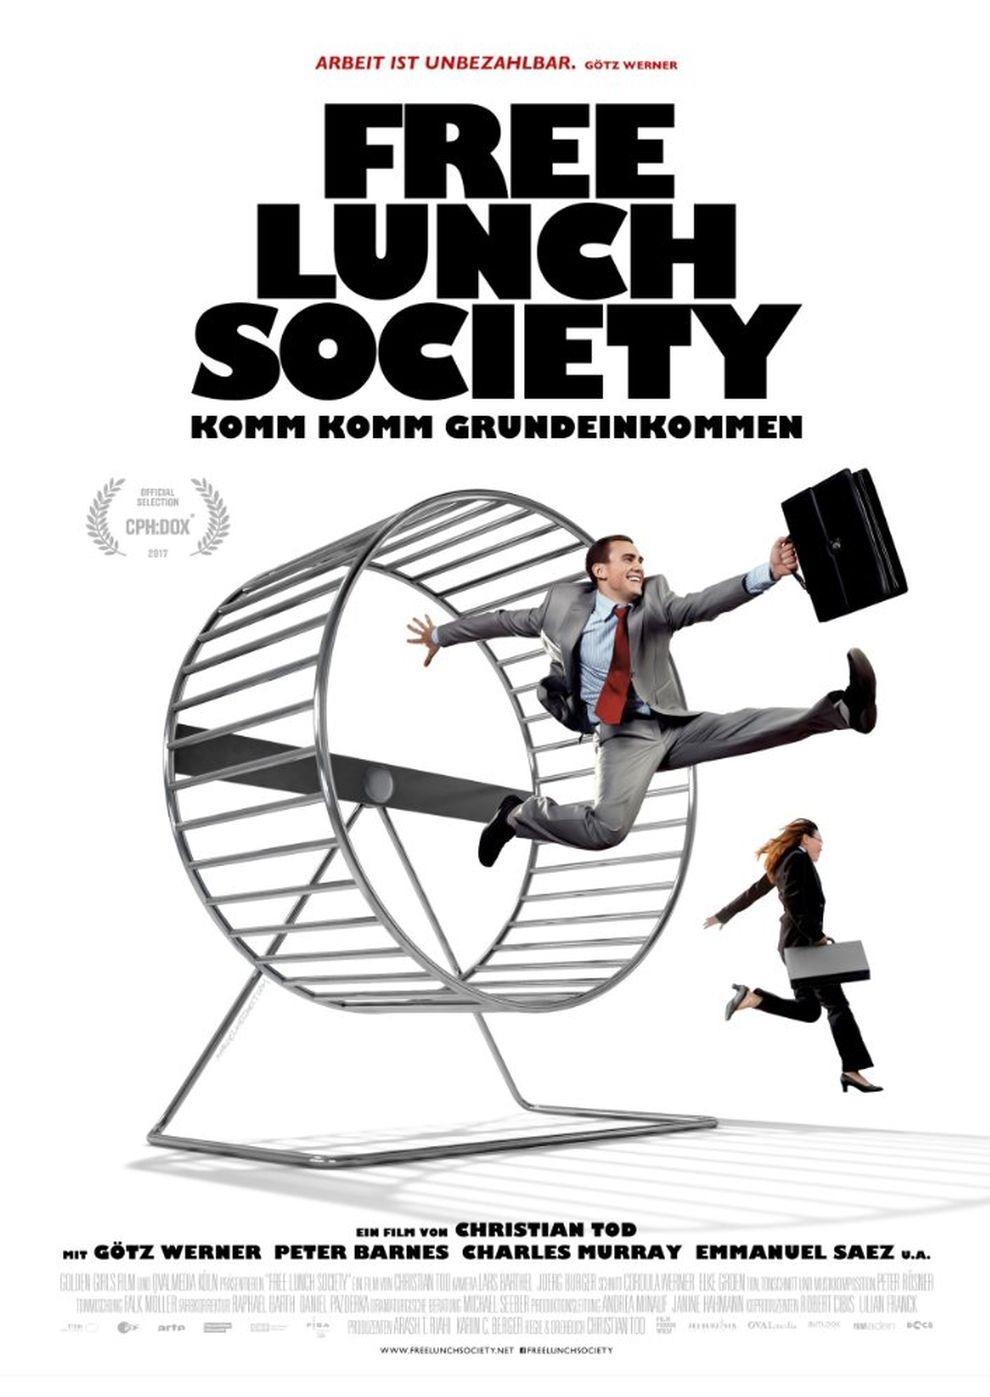 Free Lunch Society: Komm Komm Grundeinkommen (Poster)